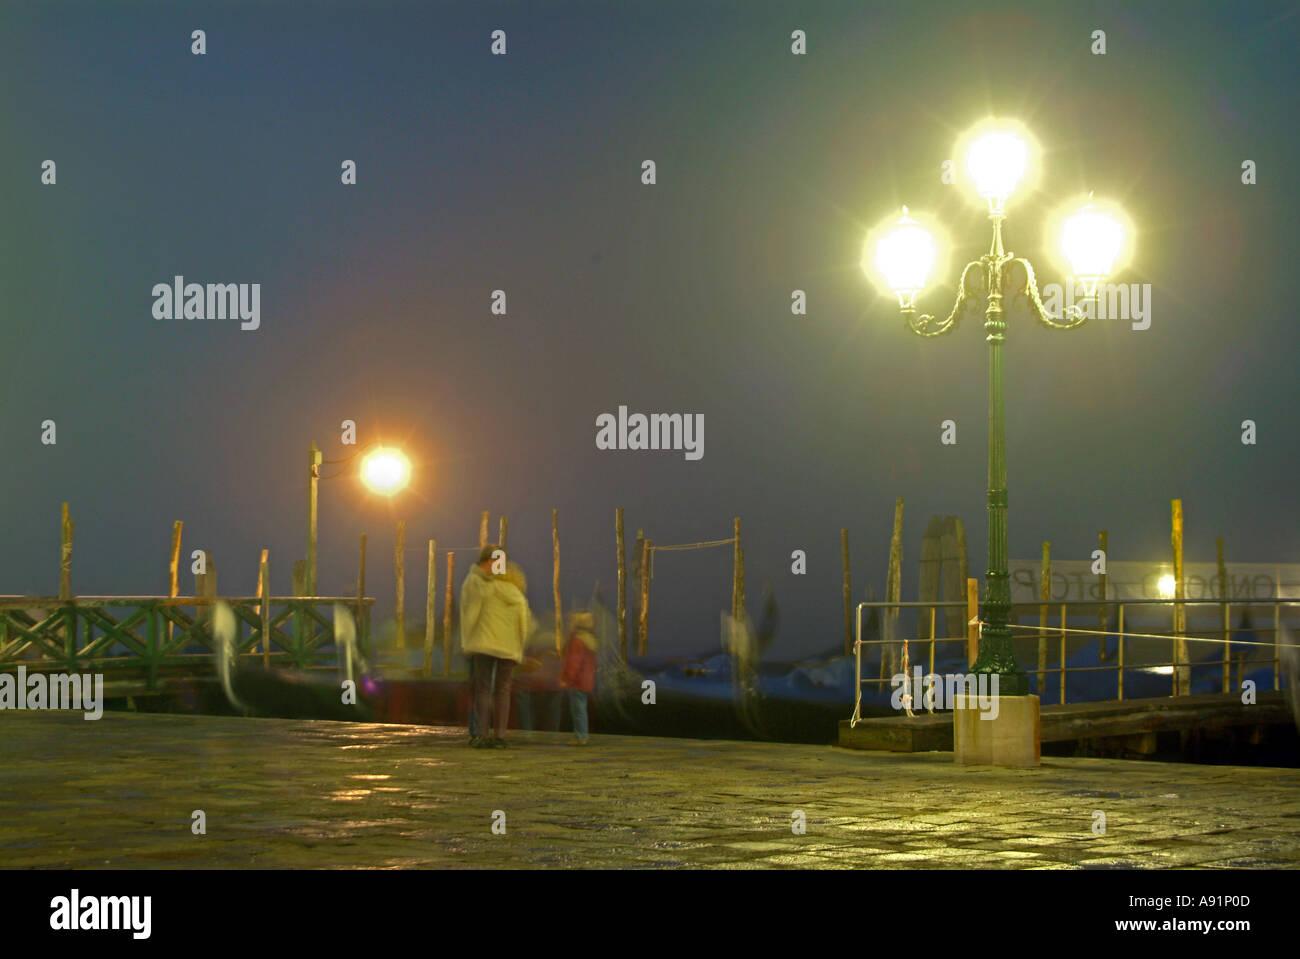 persons at gondola service at night Personen bei den angebundenen Gondeln im Hafen am Markusplatz bei Nacht in Venedig - Stock Image